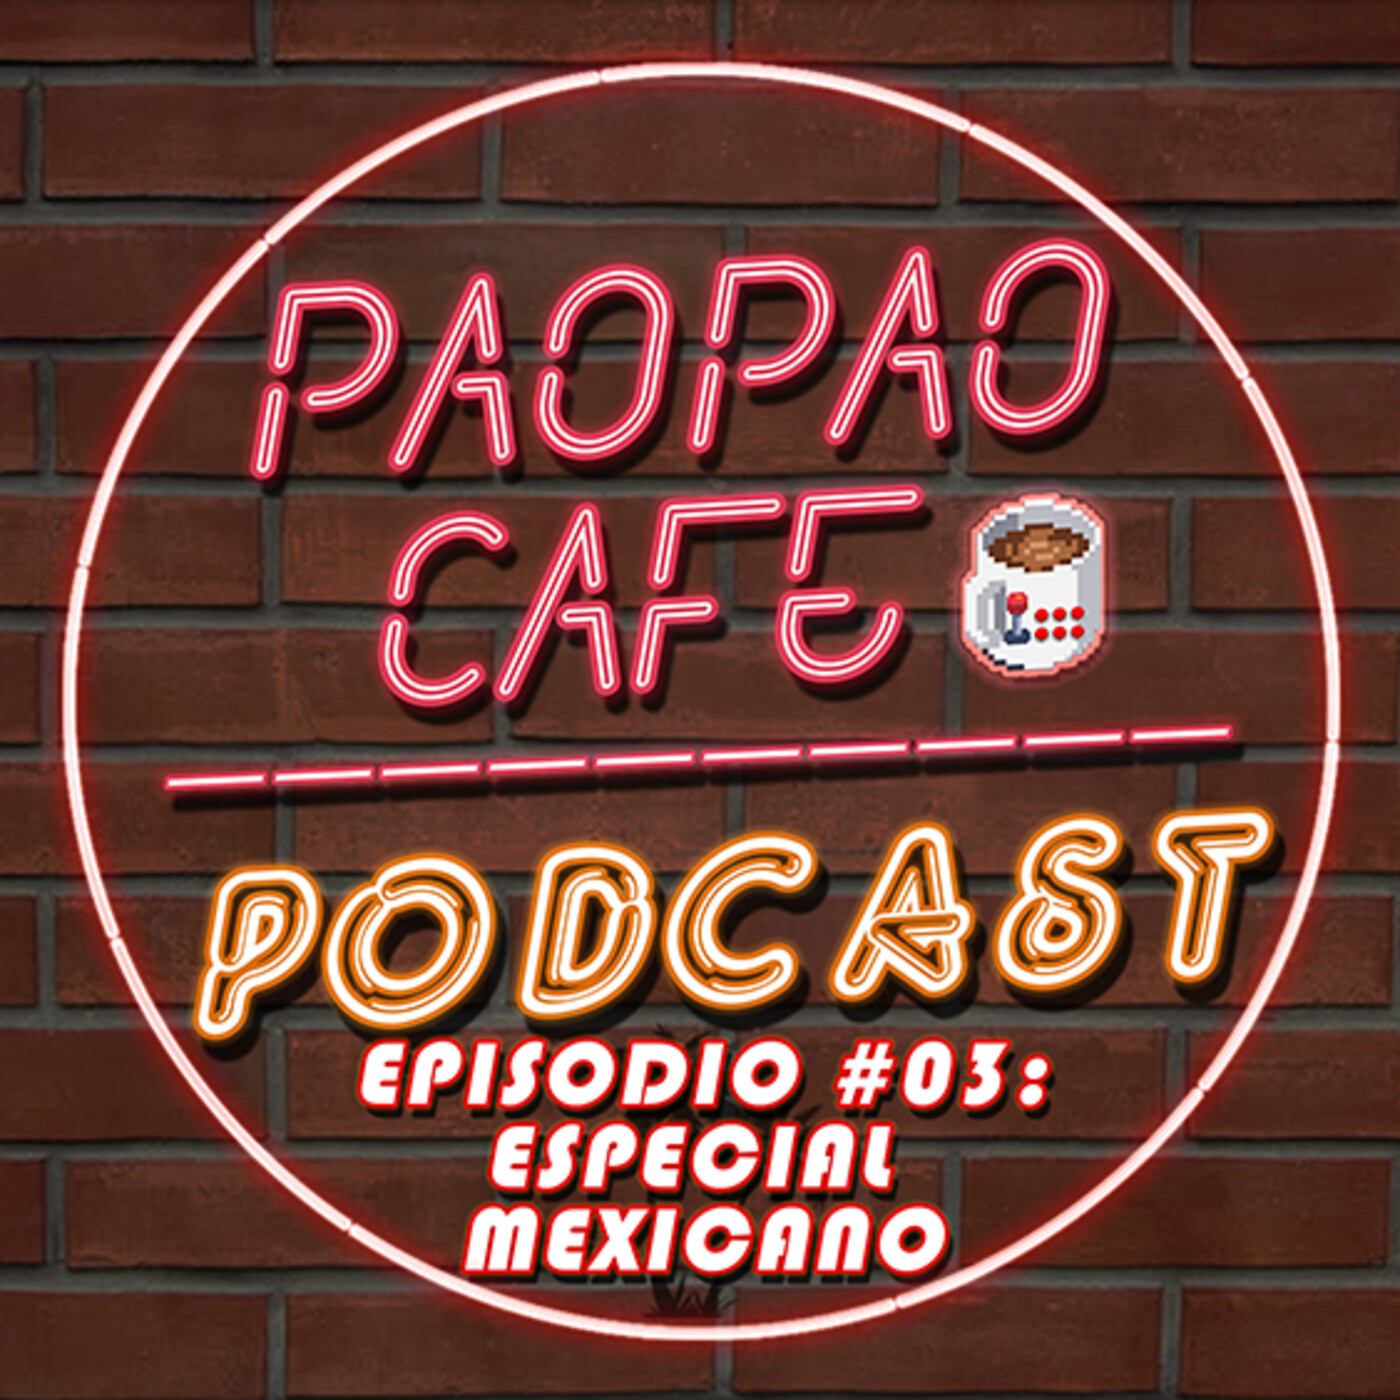 Pao Pao Café Podcast -03- Especial Mexicano